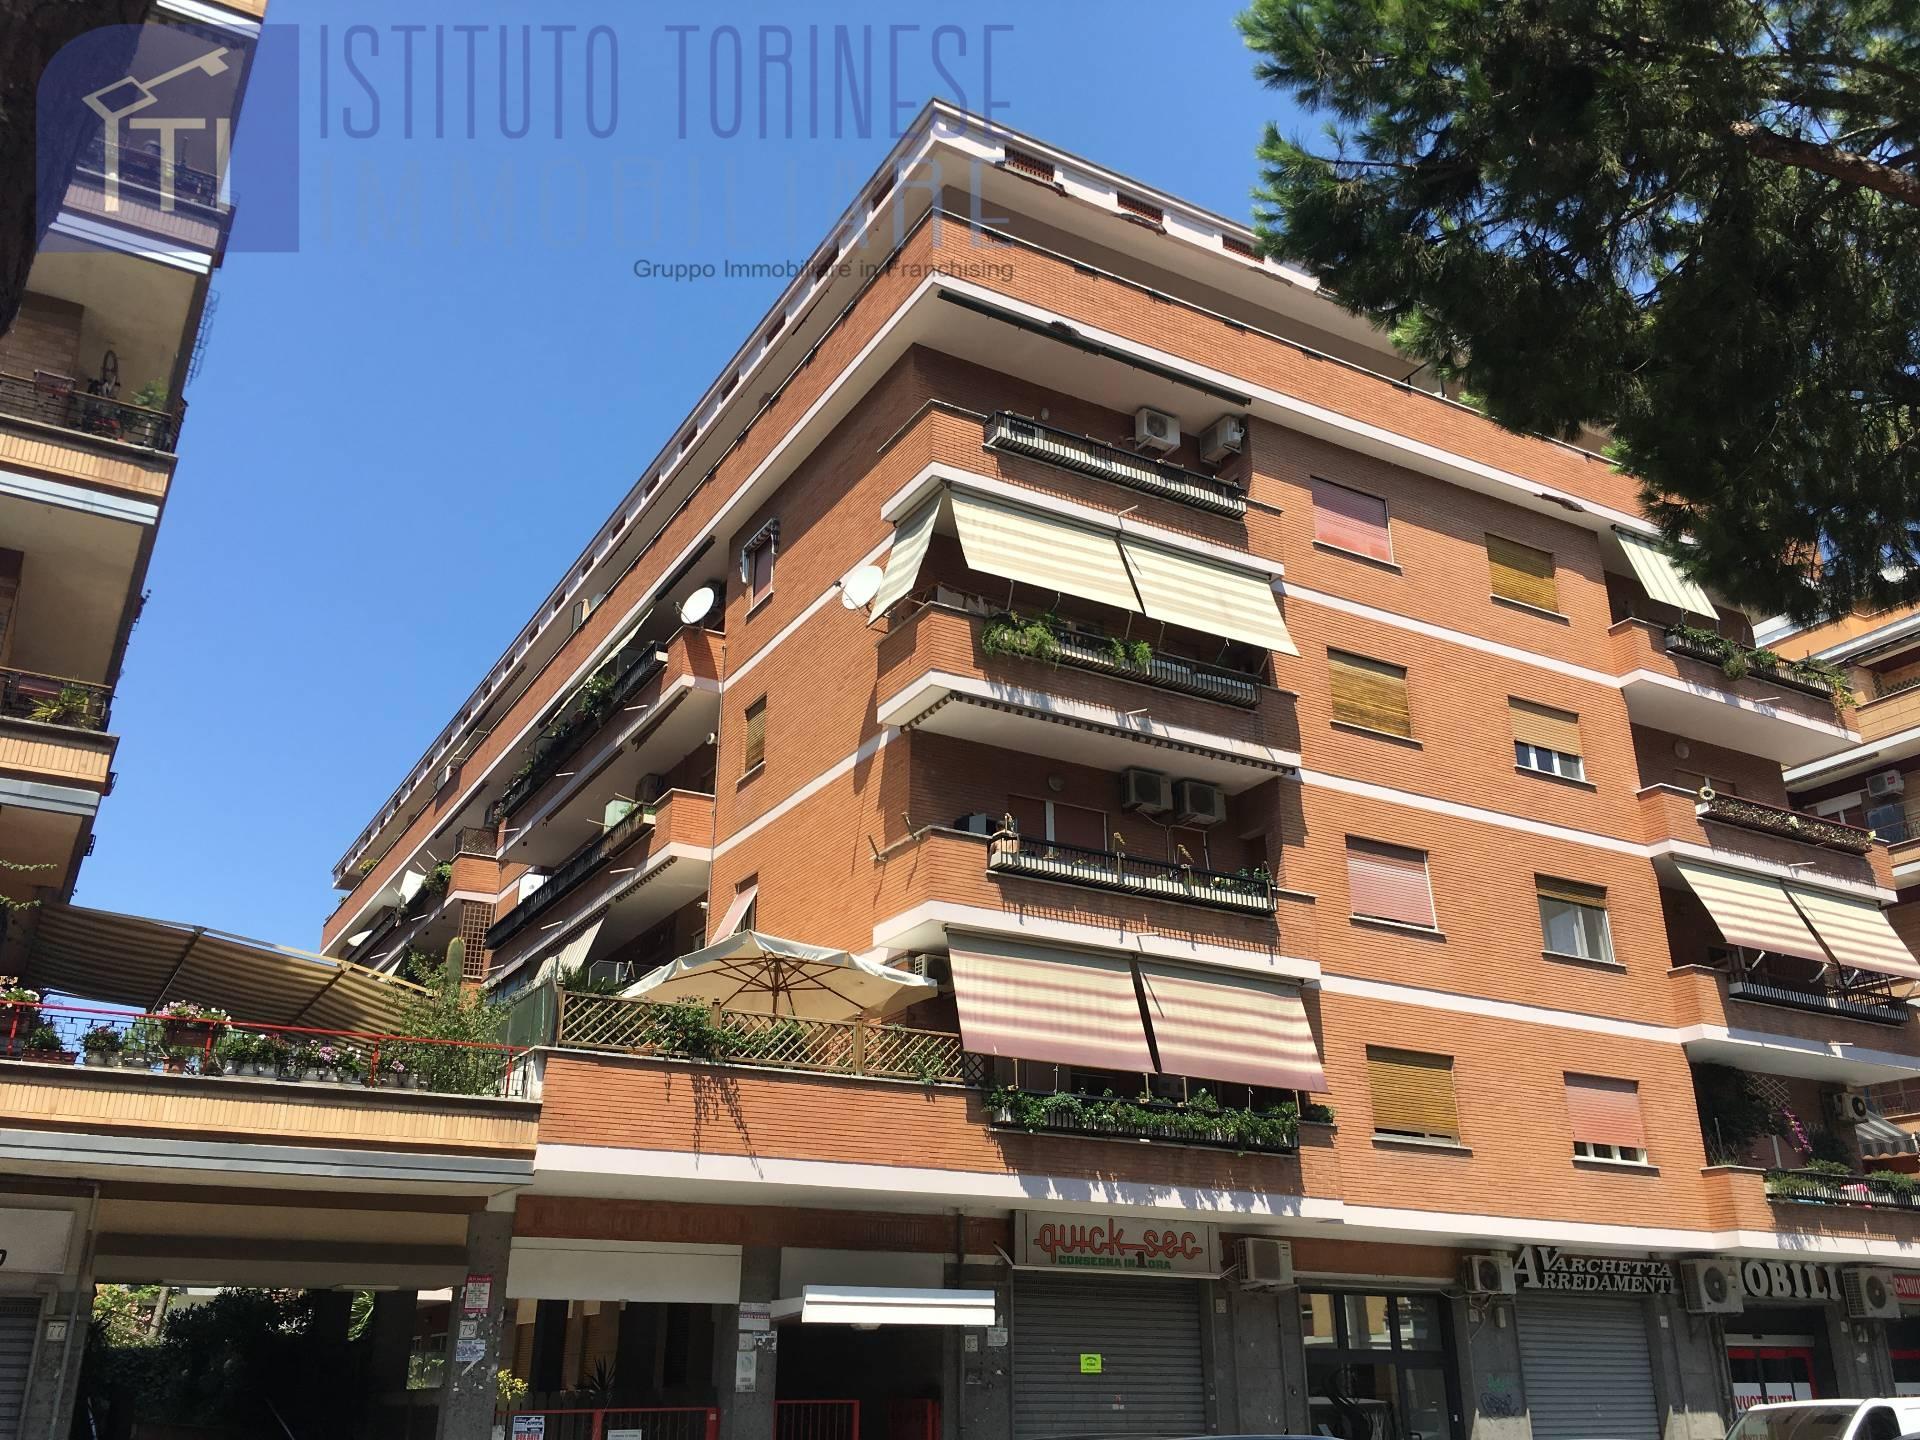 affitto appartamento roma ostia/ostia antica  700 euro  2 locali  70 mq